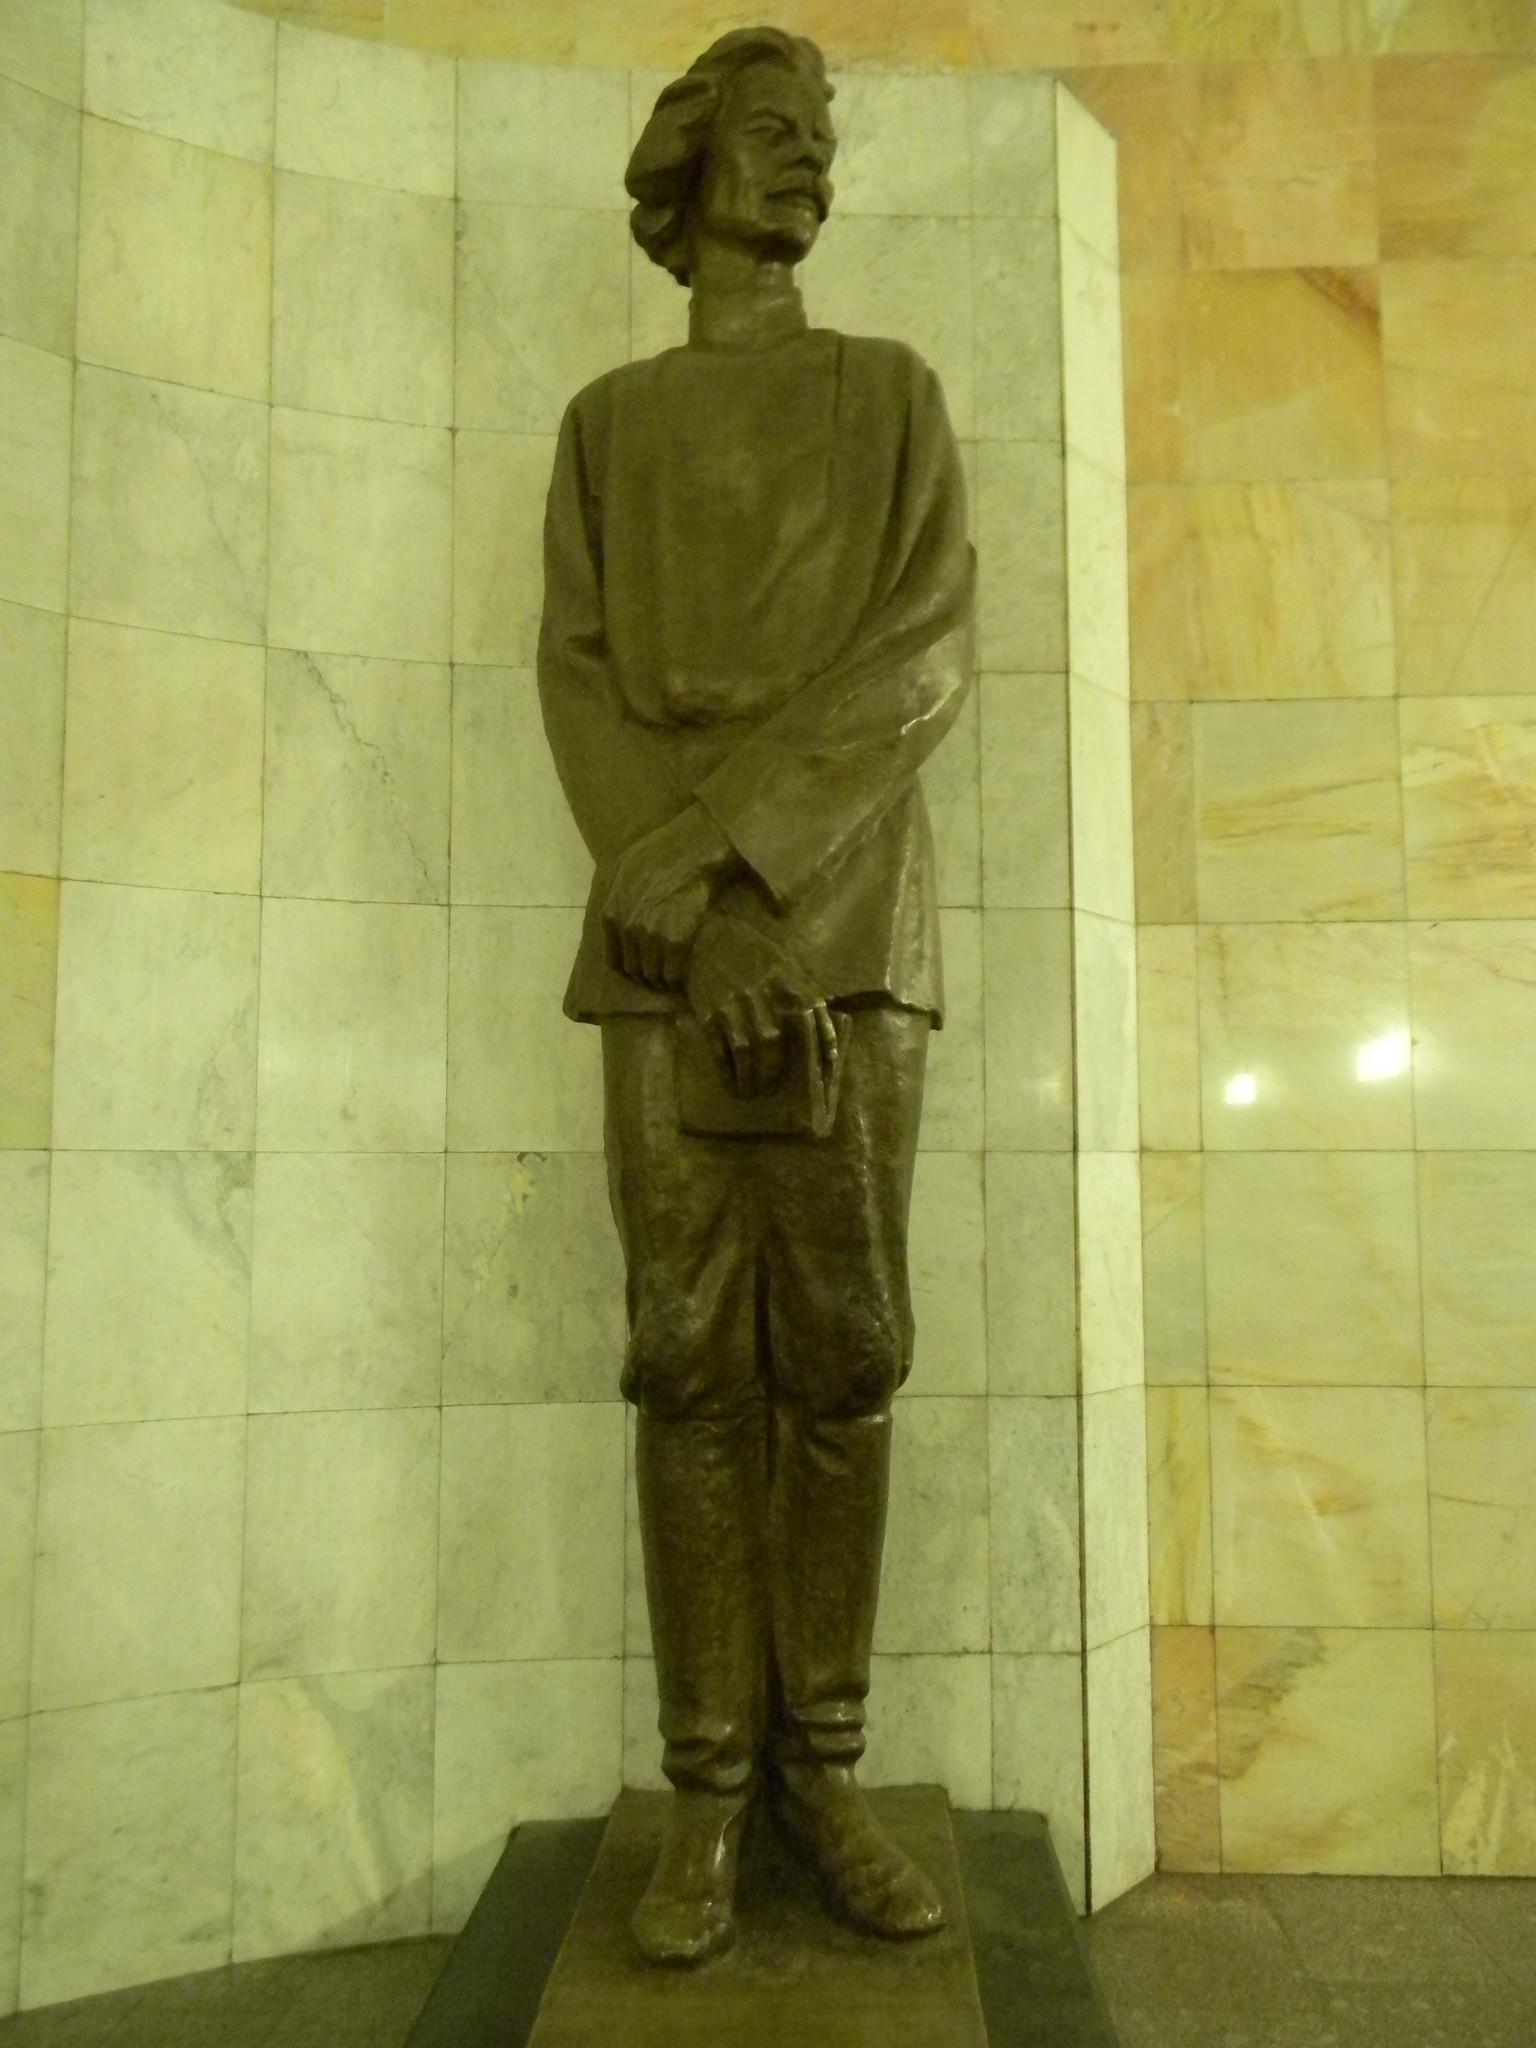 Памятник Максиму Горькому работы В.М. Клыкова стоит в переходе между станцией